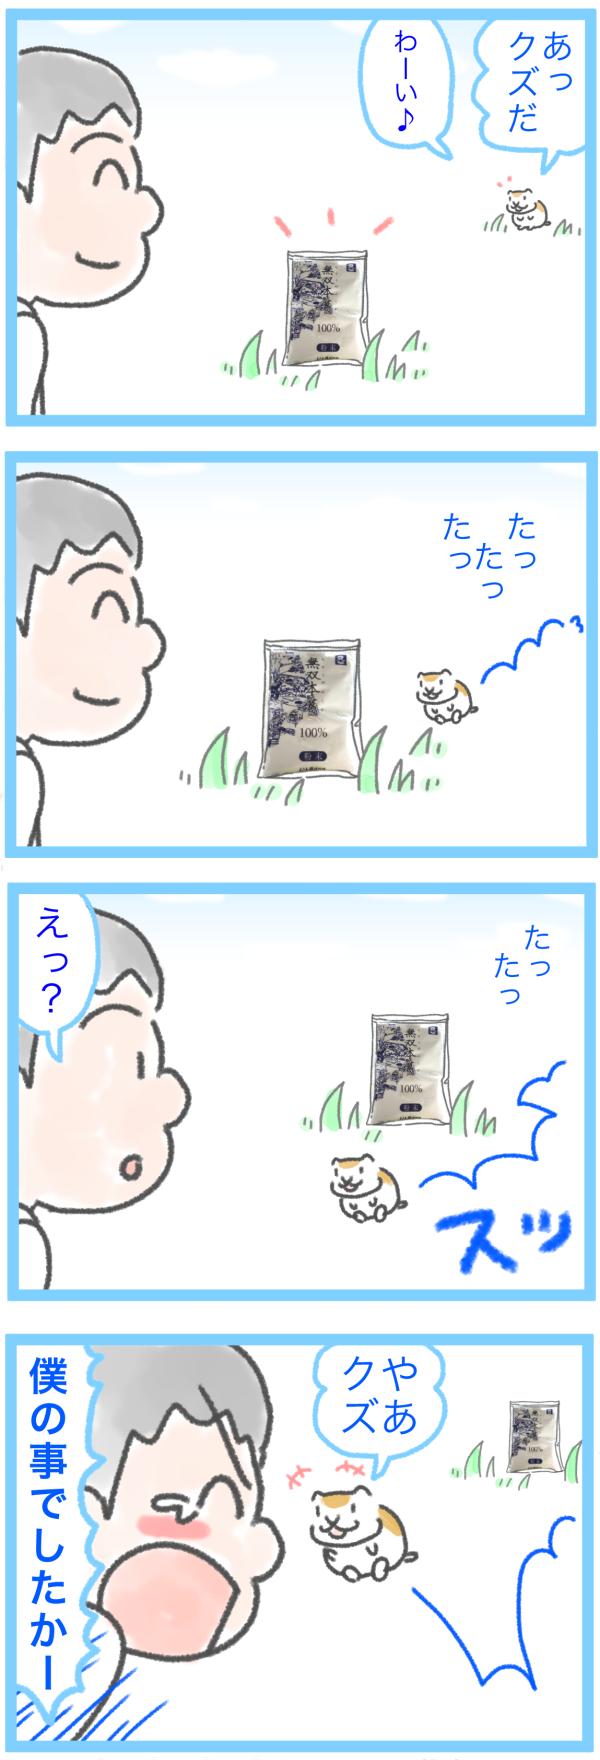 ベジタリアンのお菓子!葛(くず)の漫画